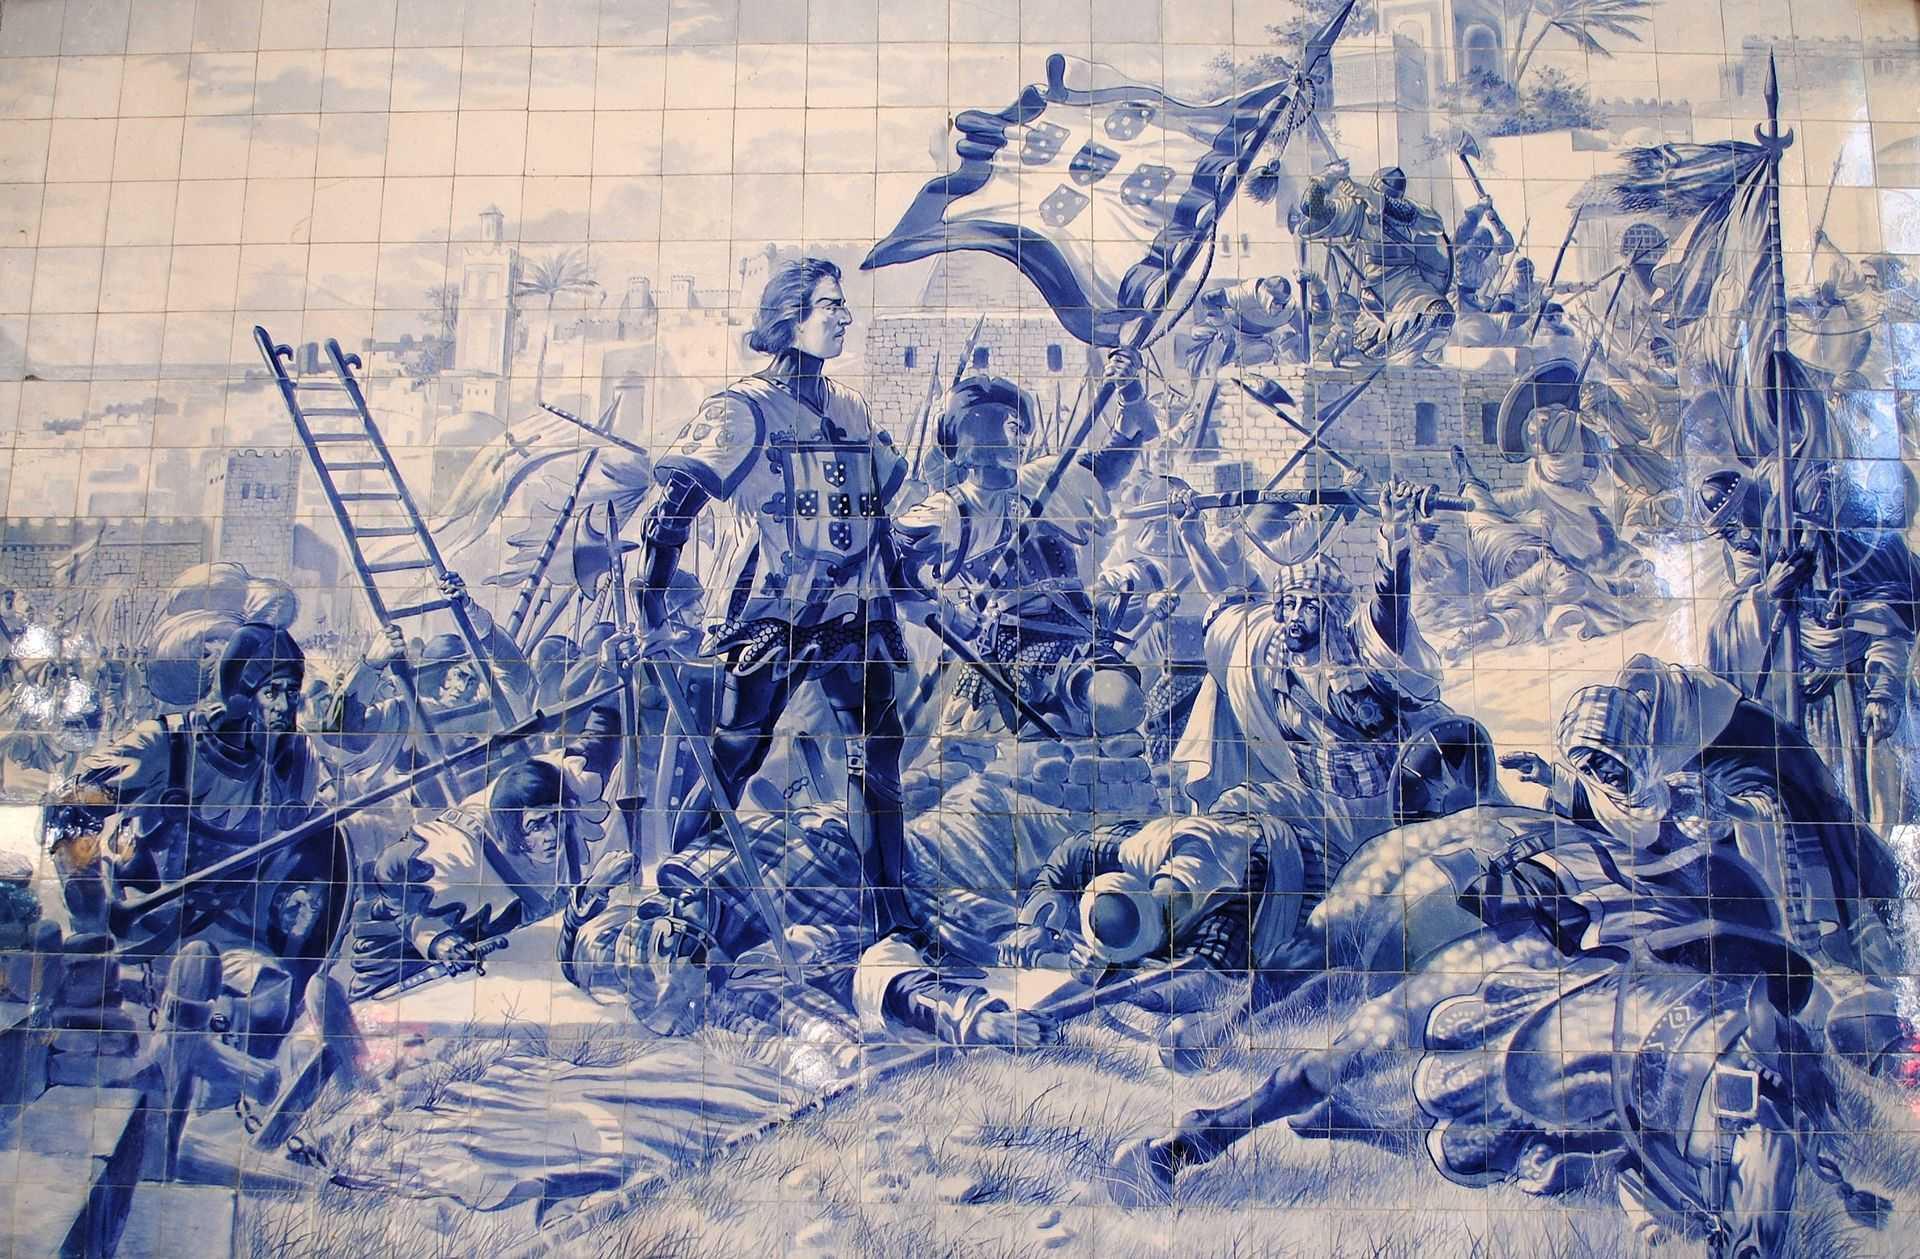 Participou na tomada de Ceuta em 1415 - (D. Afonso, 1.º Duque de Bragança)